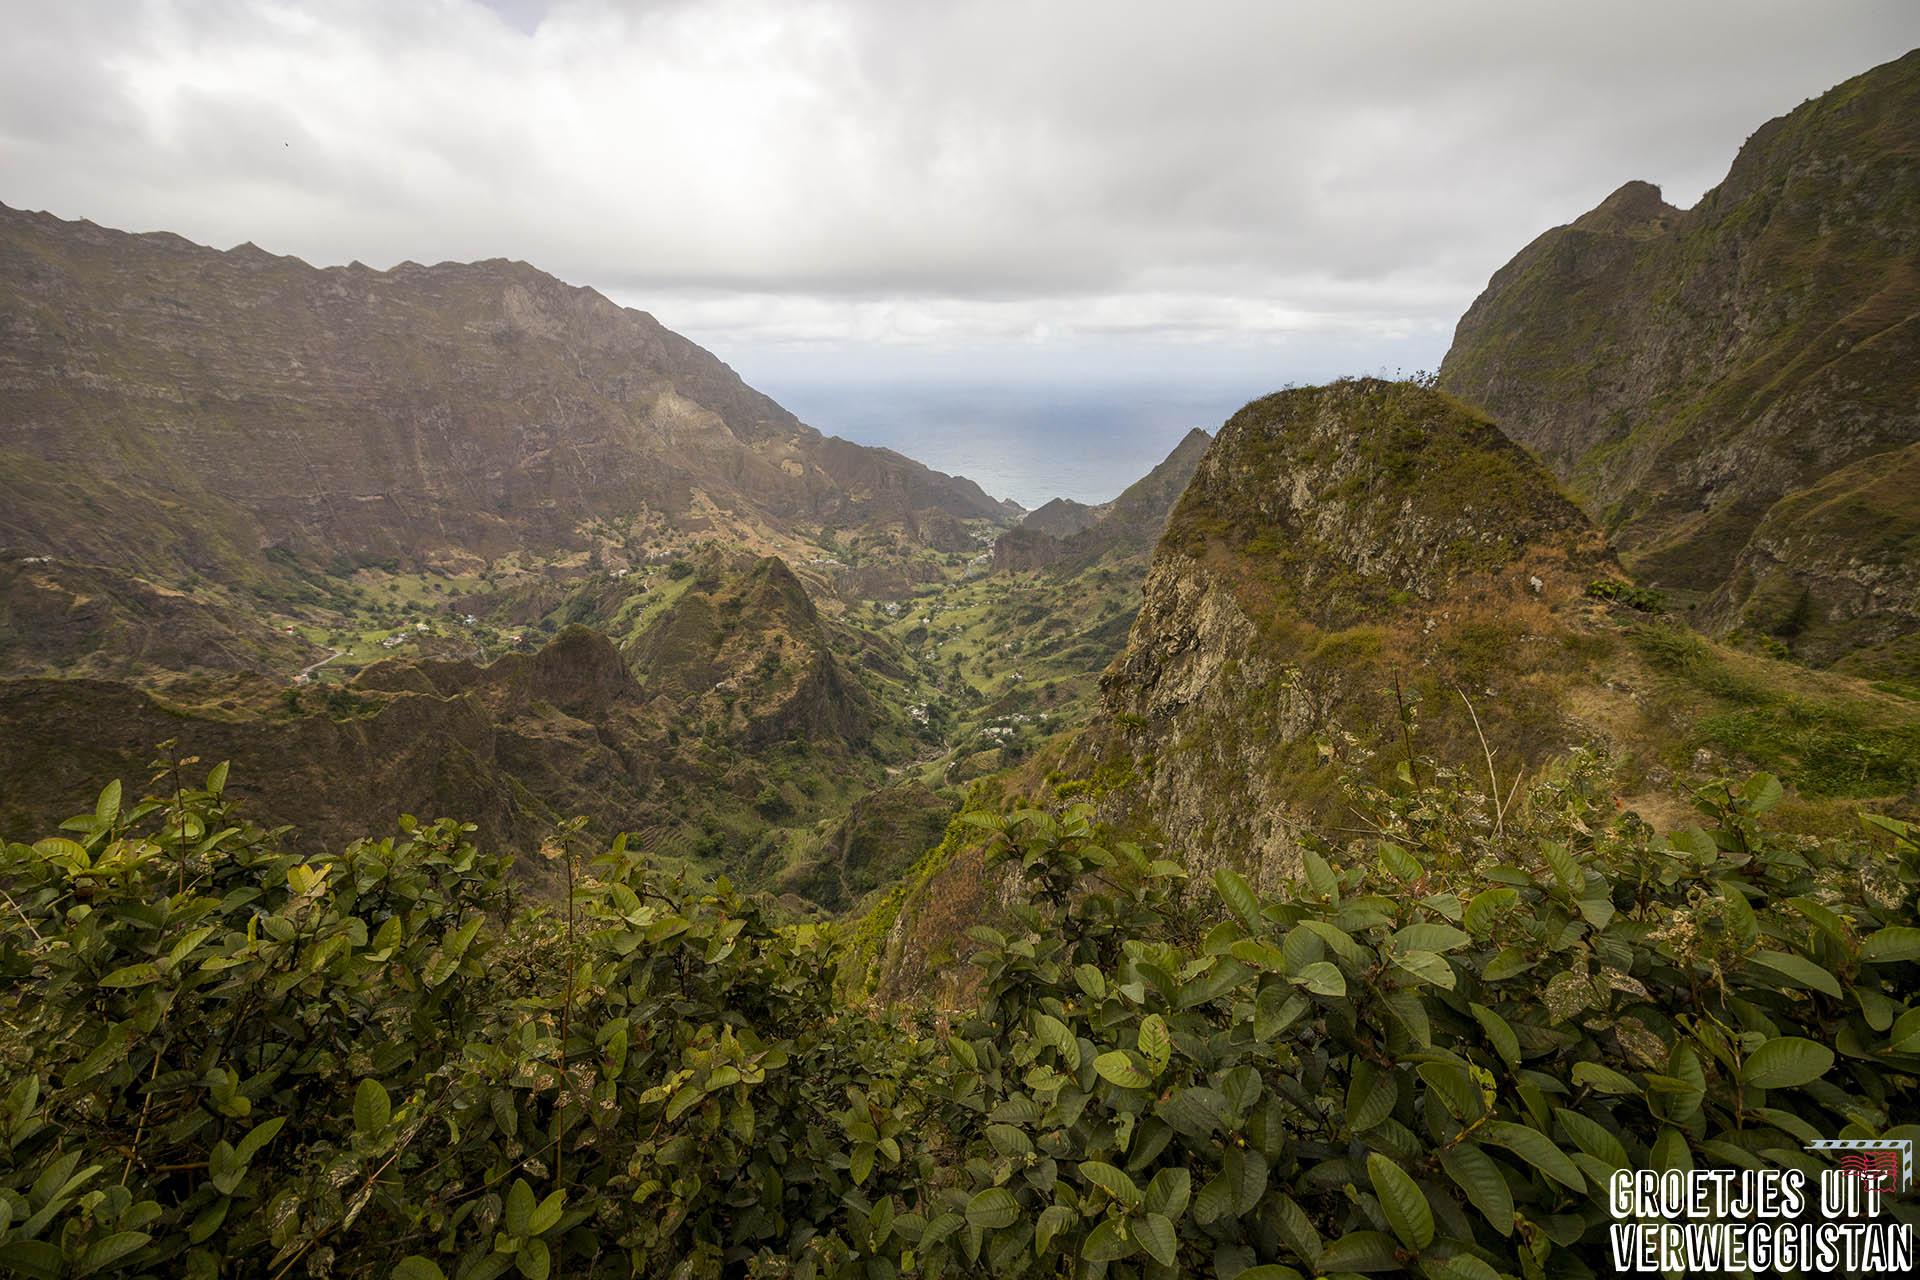 De 10 mooiste uitzichten: uitzicht over de Paúl vallei op eiland Santo Antão op Kaapverdië.